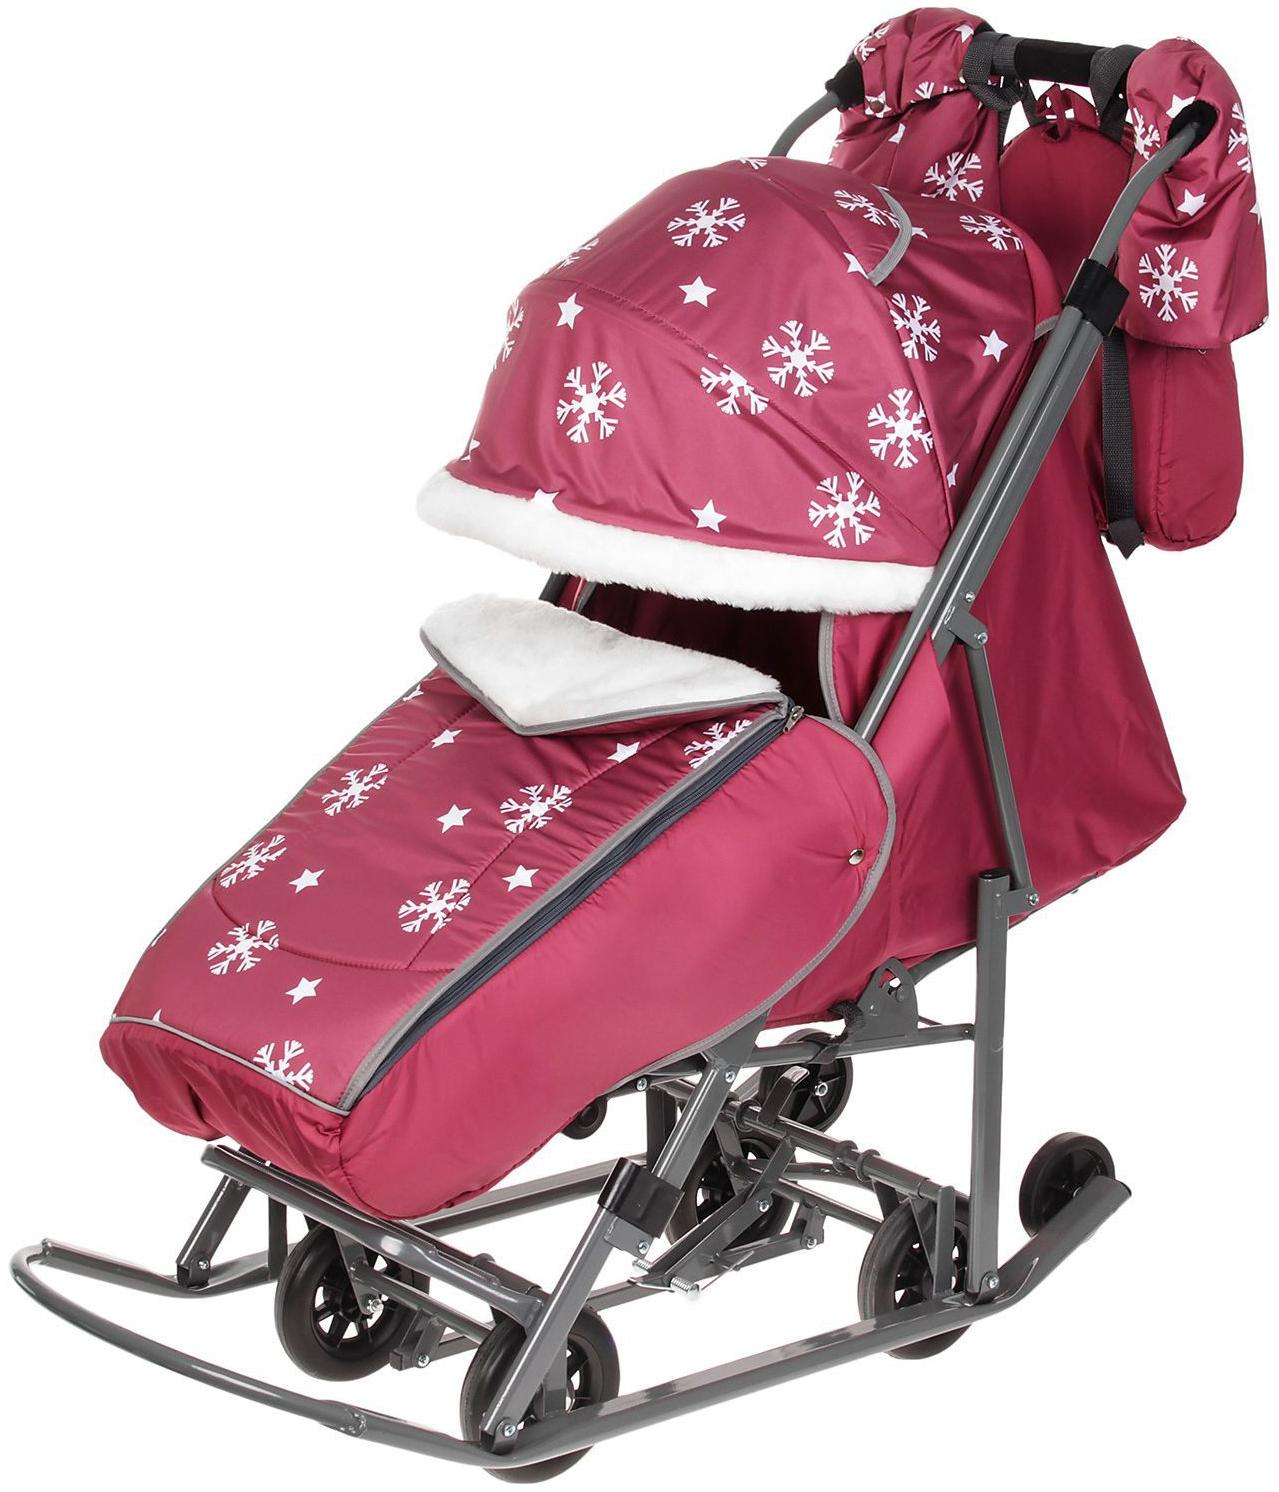 Купить Санки-коляска Pikate Снежинки Малиновый, Санки складные